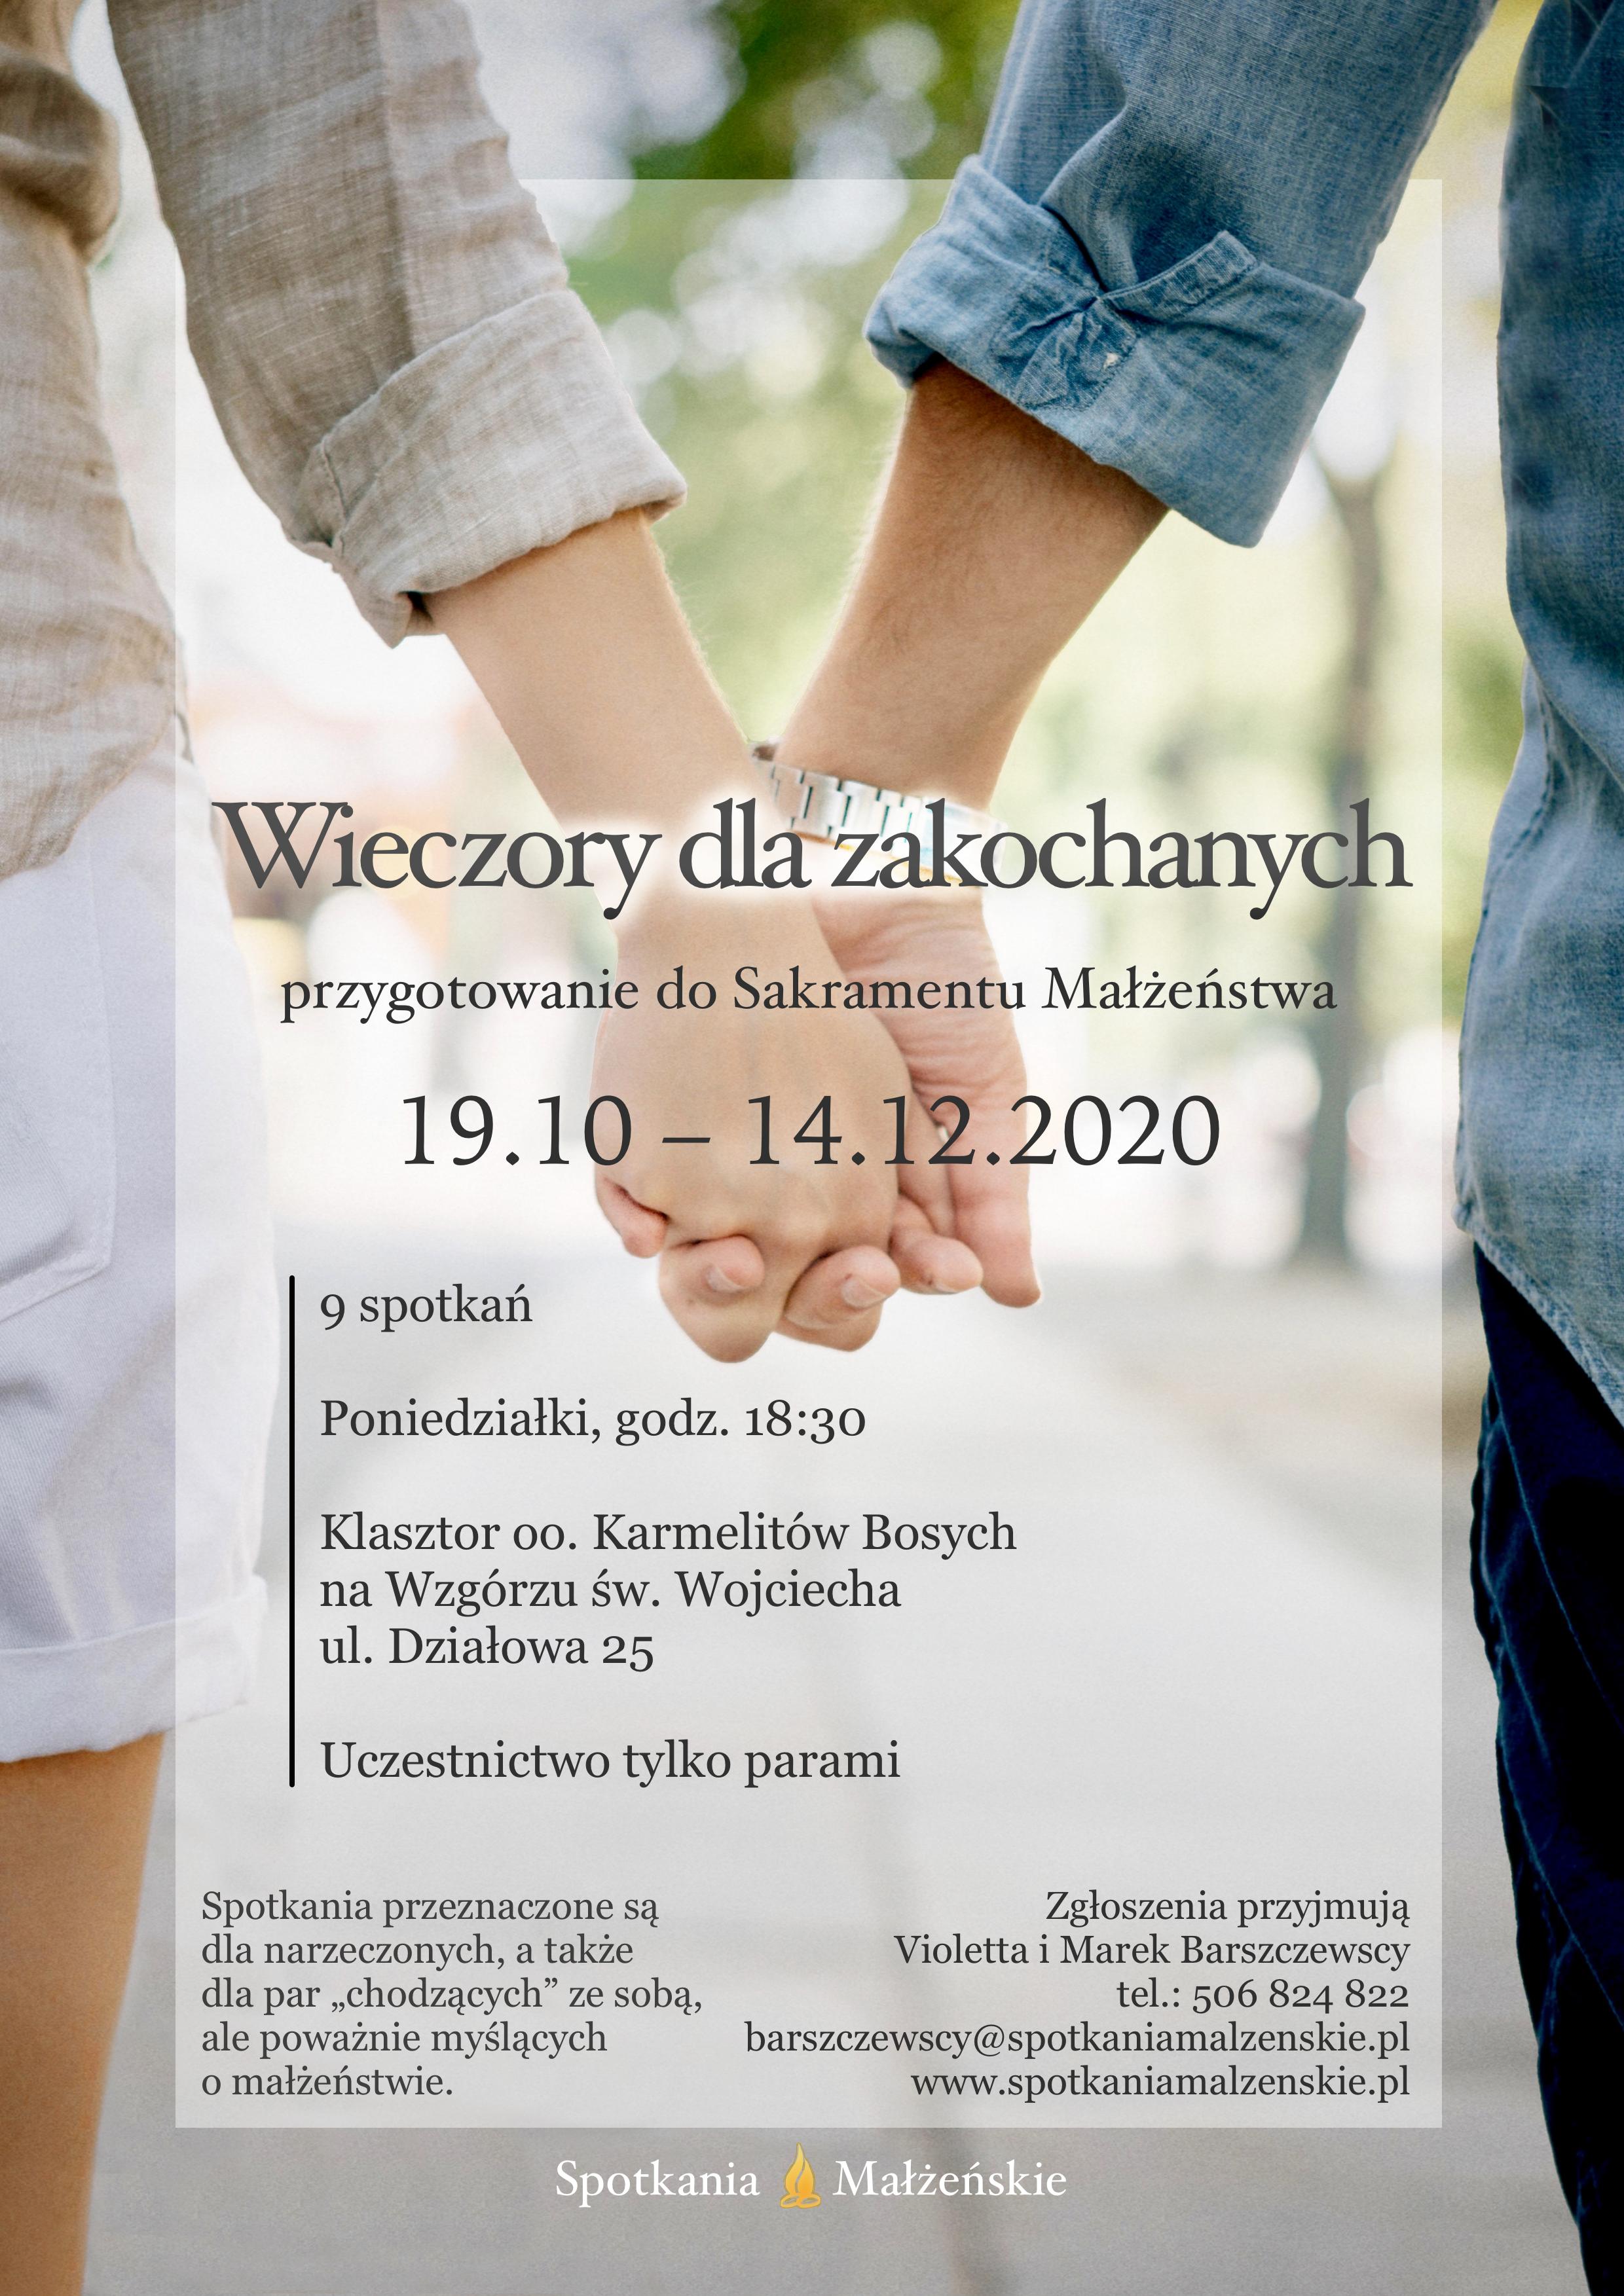 Wieczory_plakat